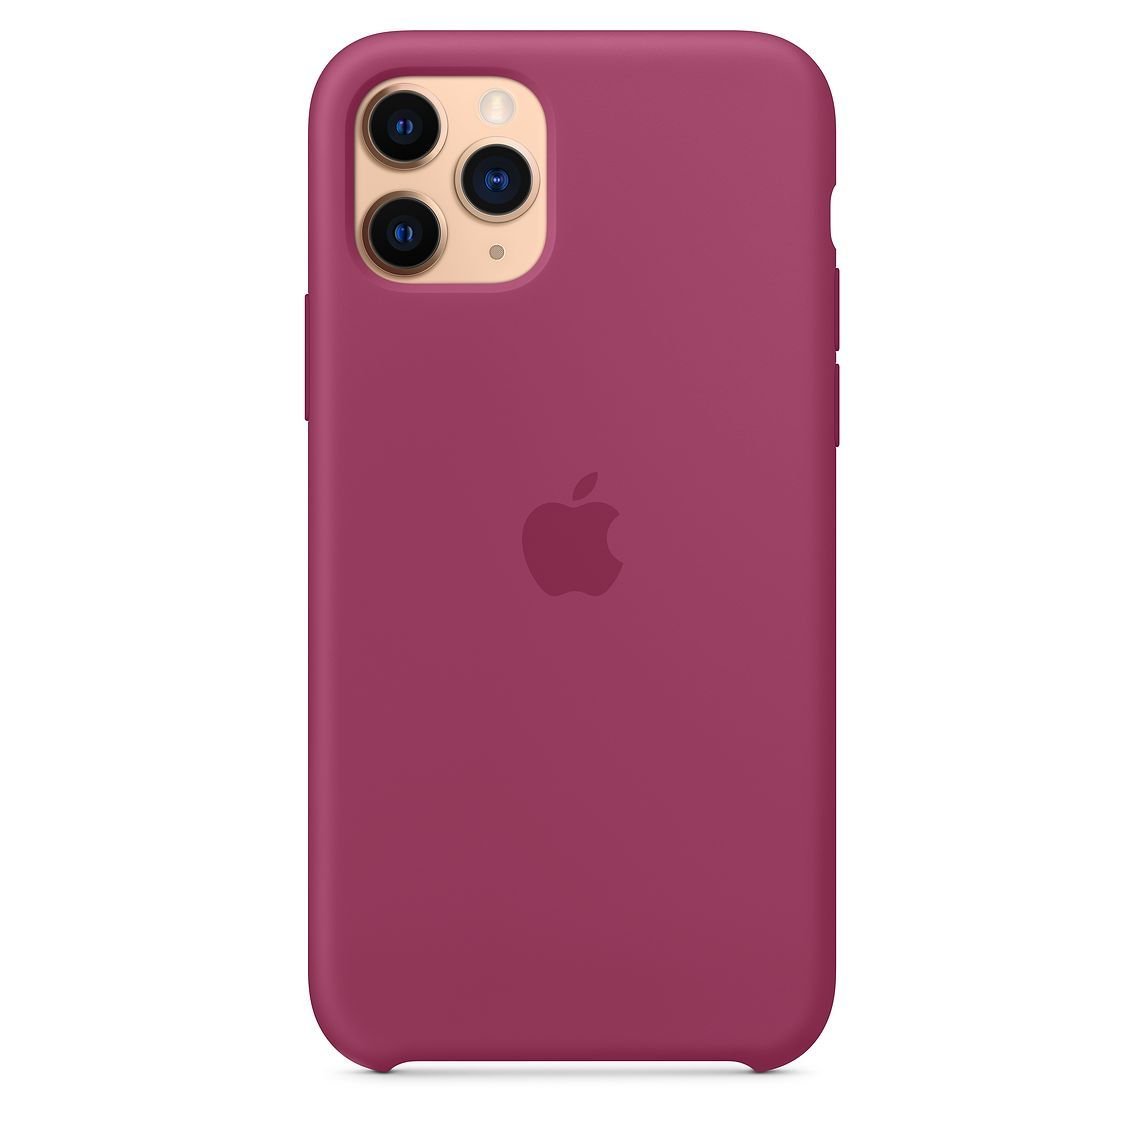 iPhone 11 Pro Silicone Case - Pomegranate